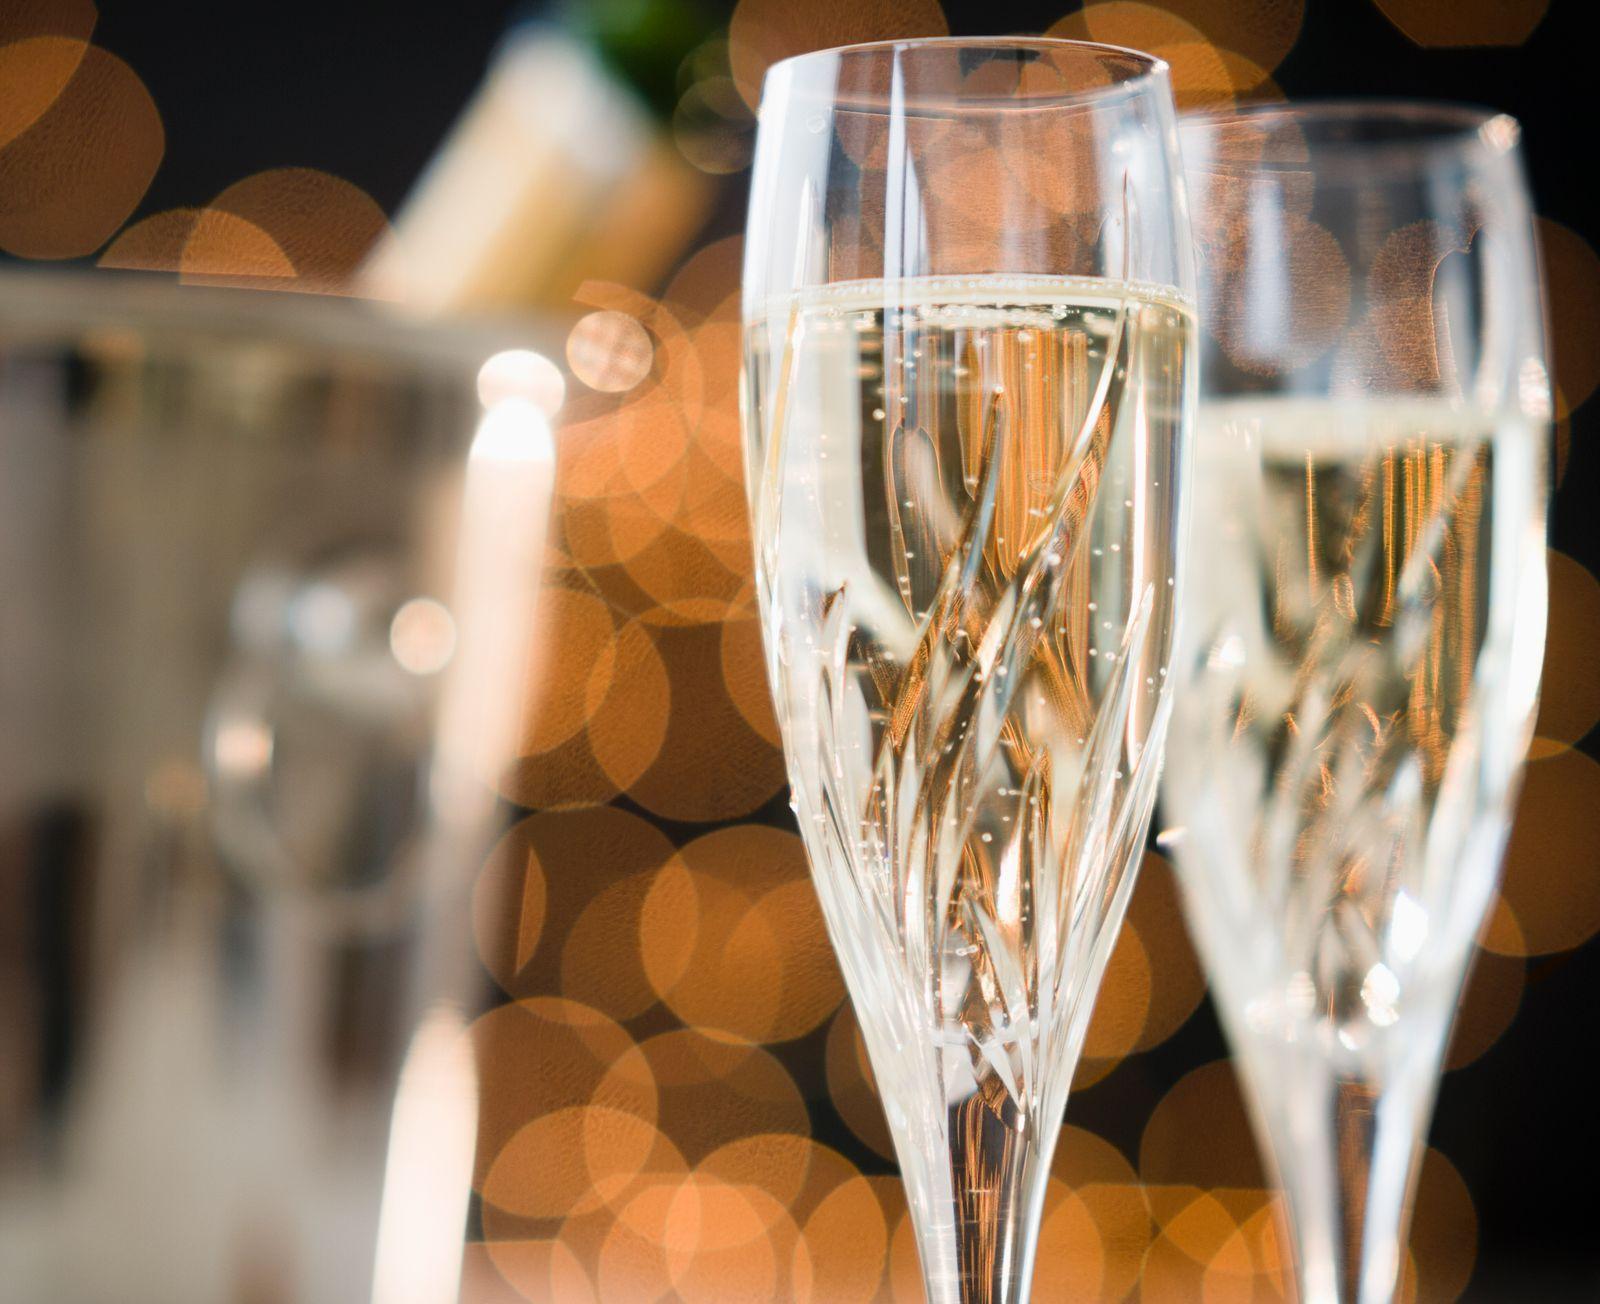 NICHT MEHR VERWENDEN! - Champagner / Glas / Festlichkeit